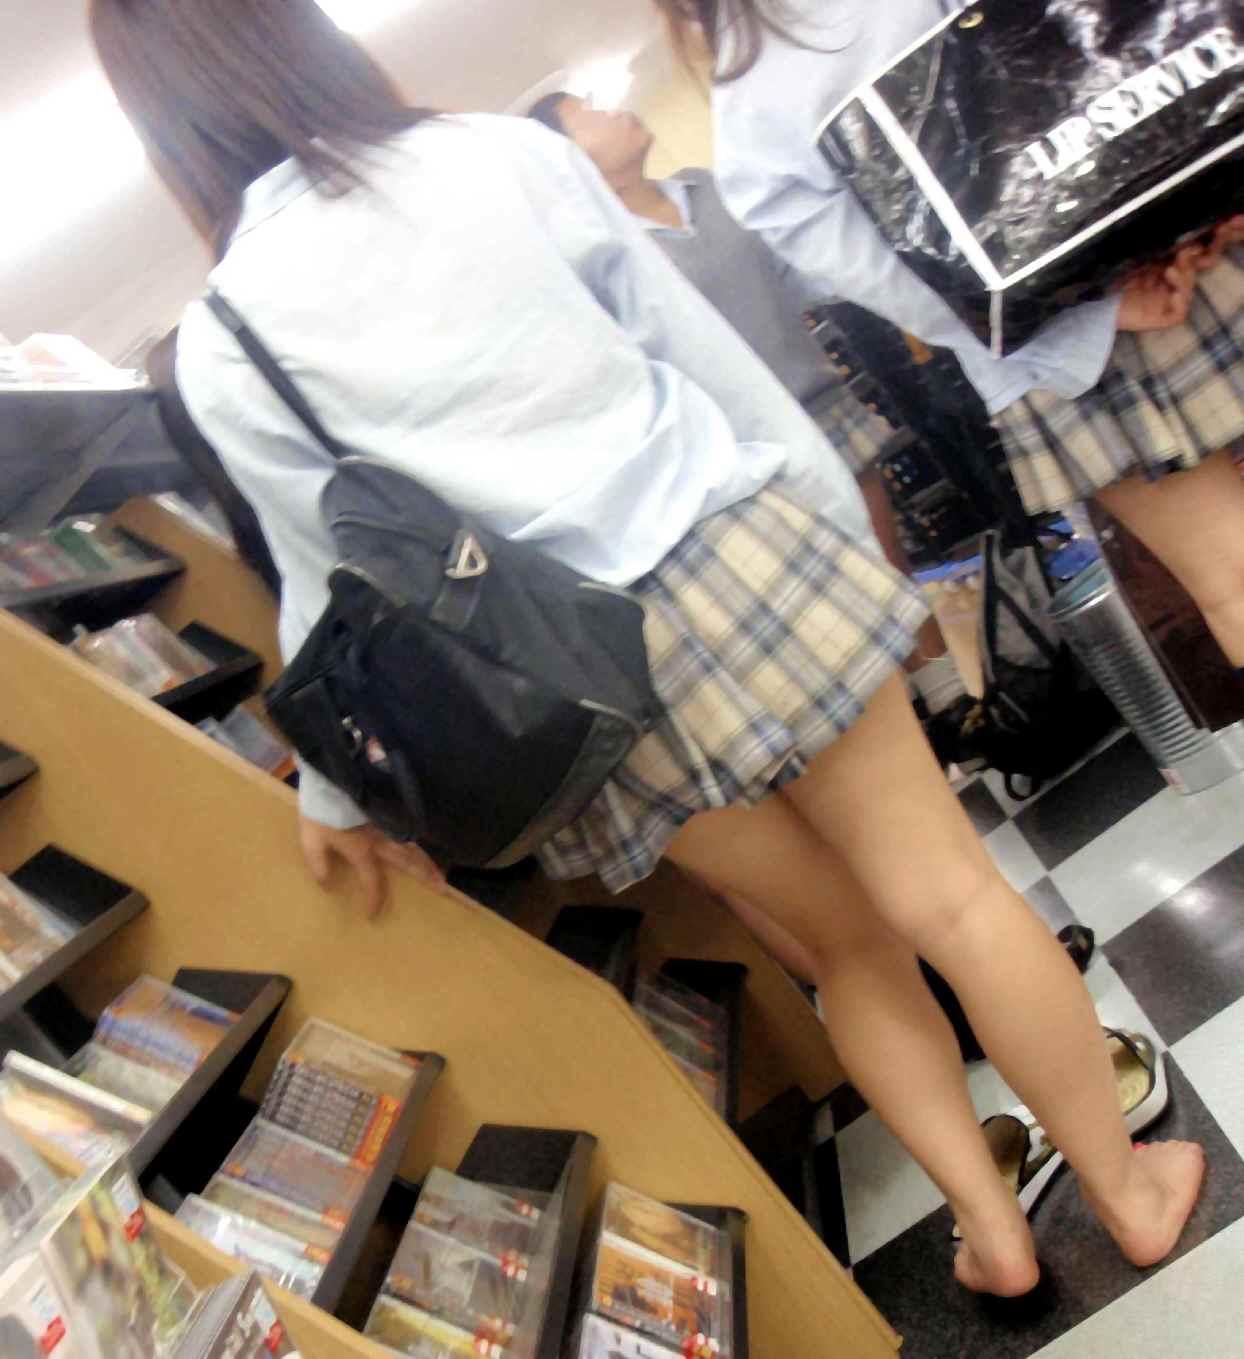 【JKフェチ画像】ルーズソックス邪魔w革靴に素足のJKっていいよねwww 06